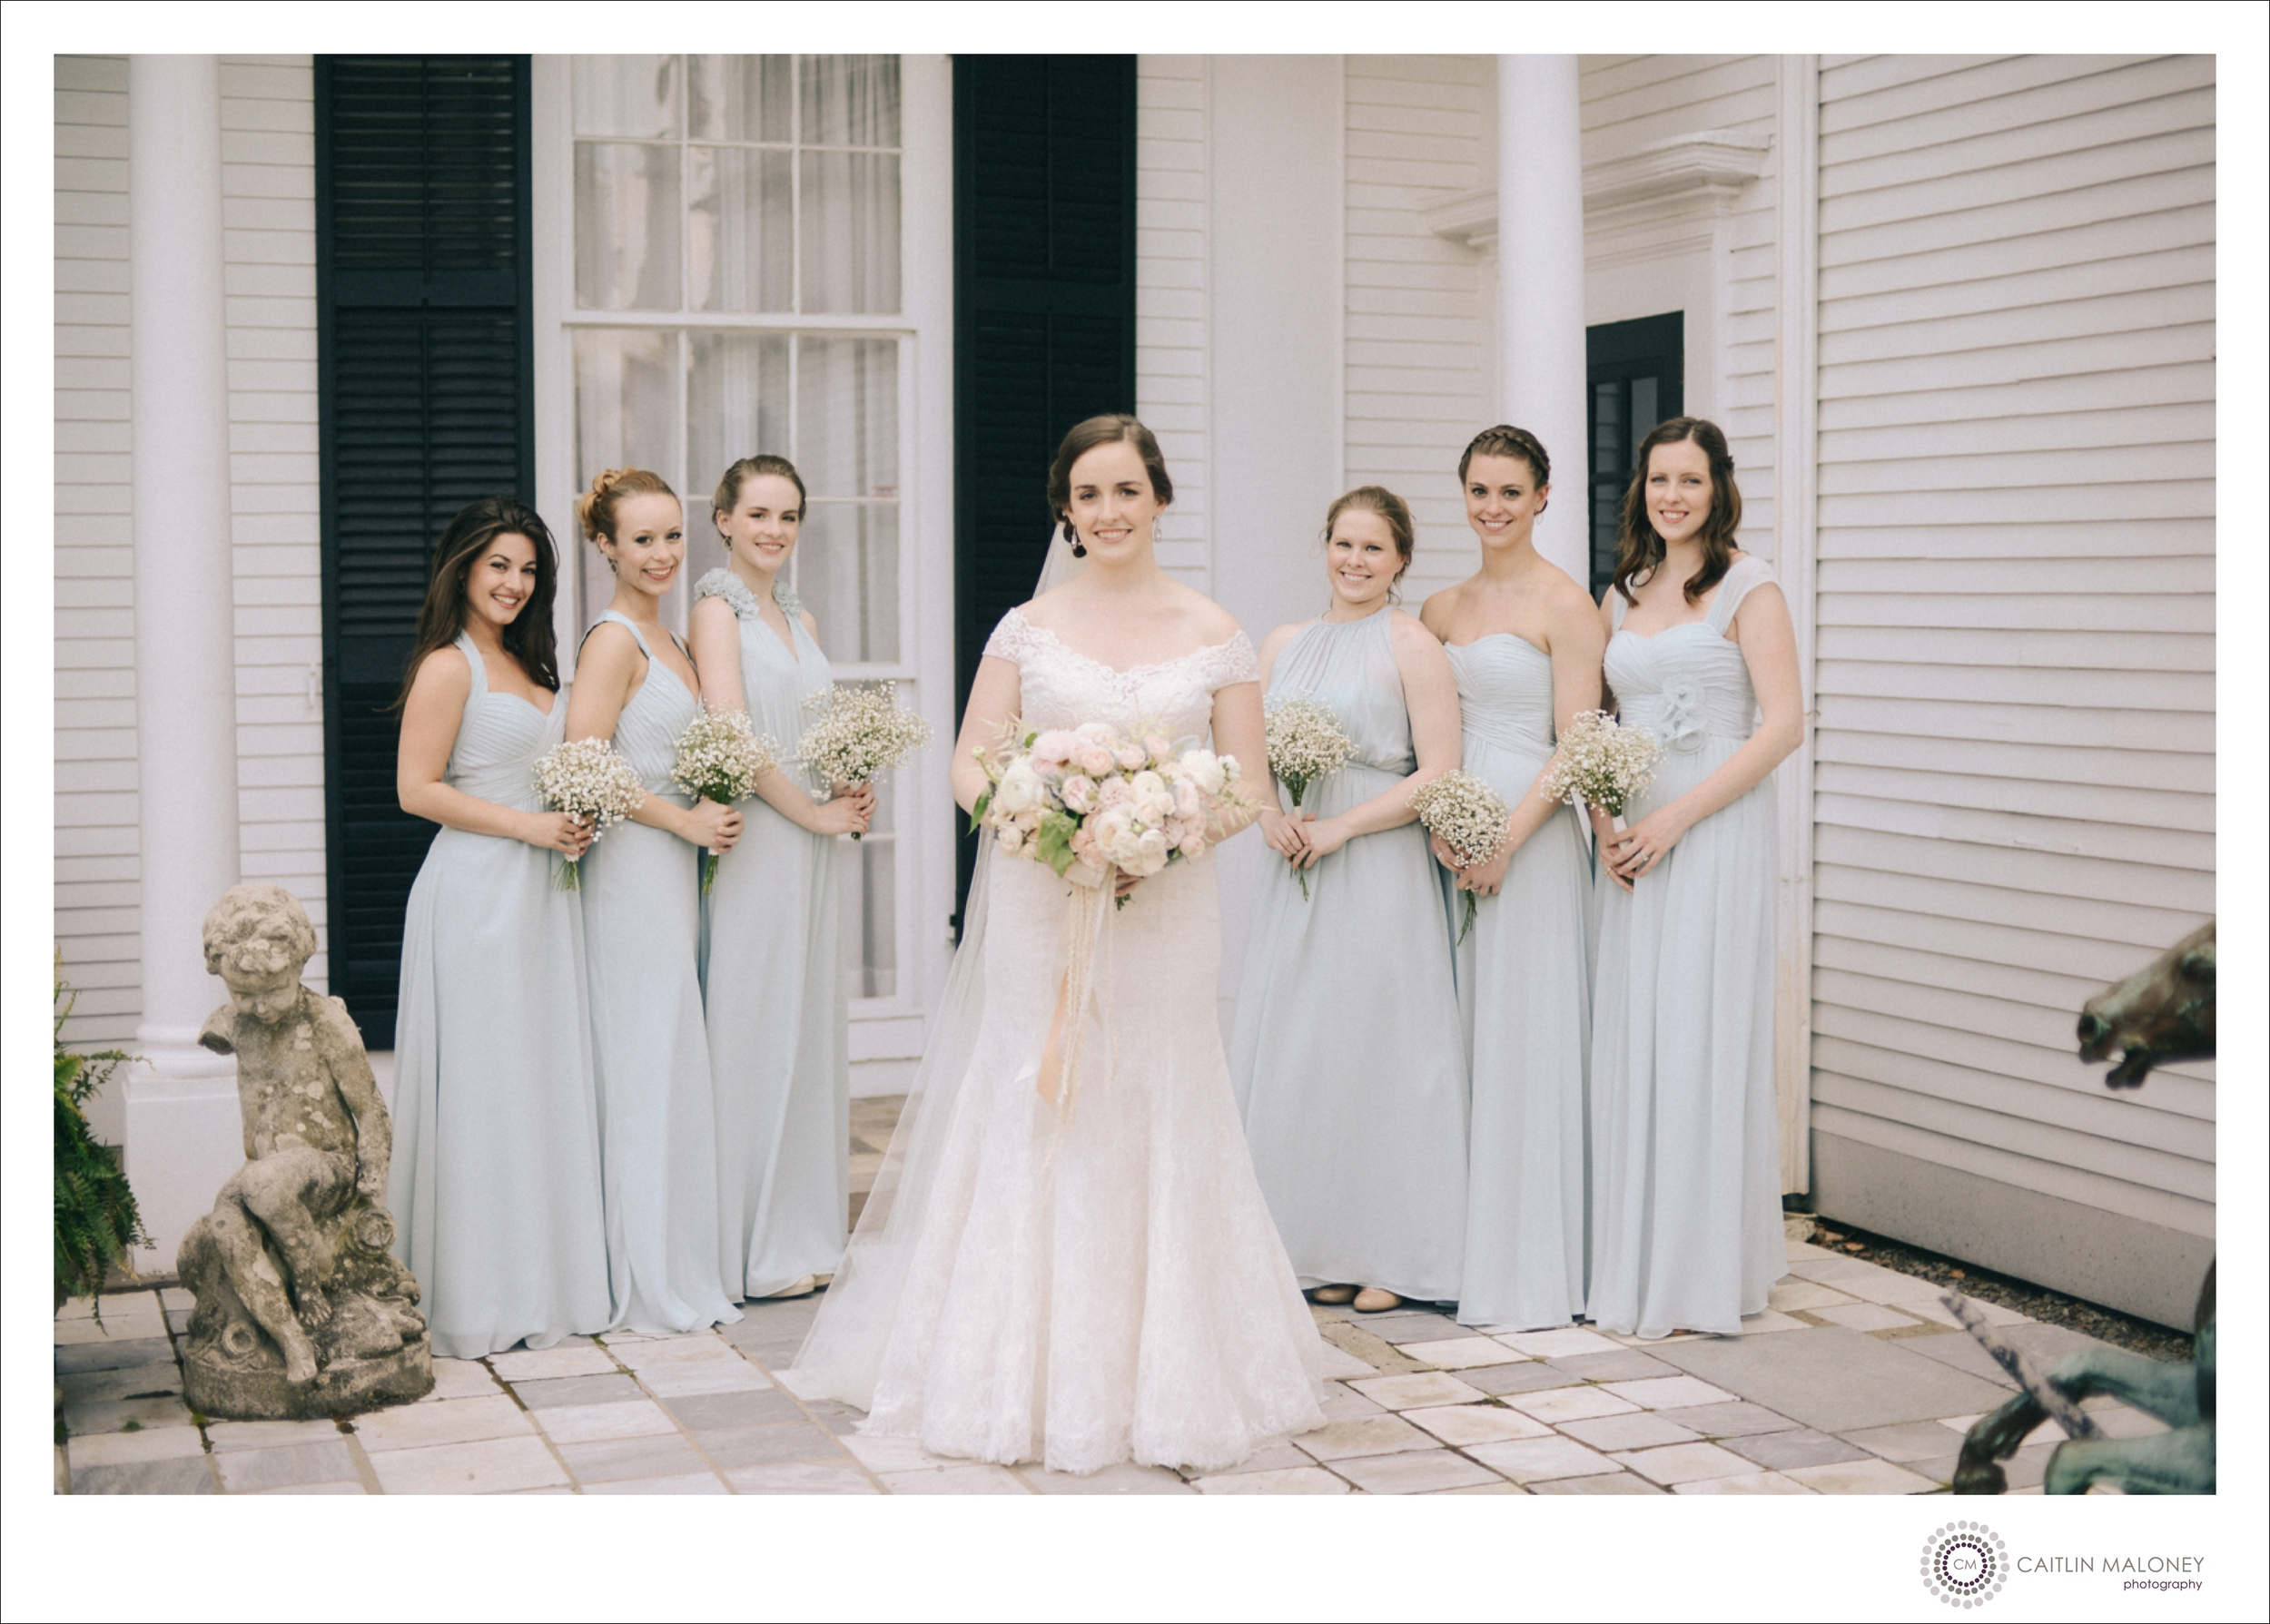 Linden_Place_Wedding_Photos_042.jpg